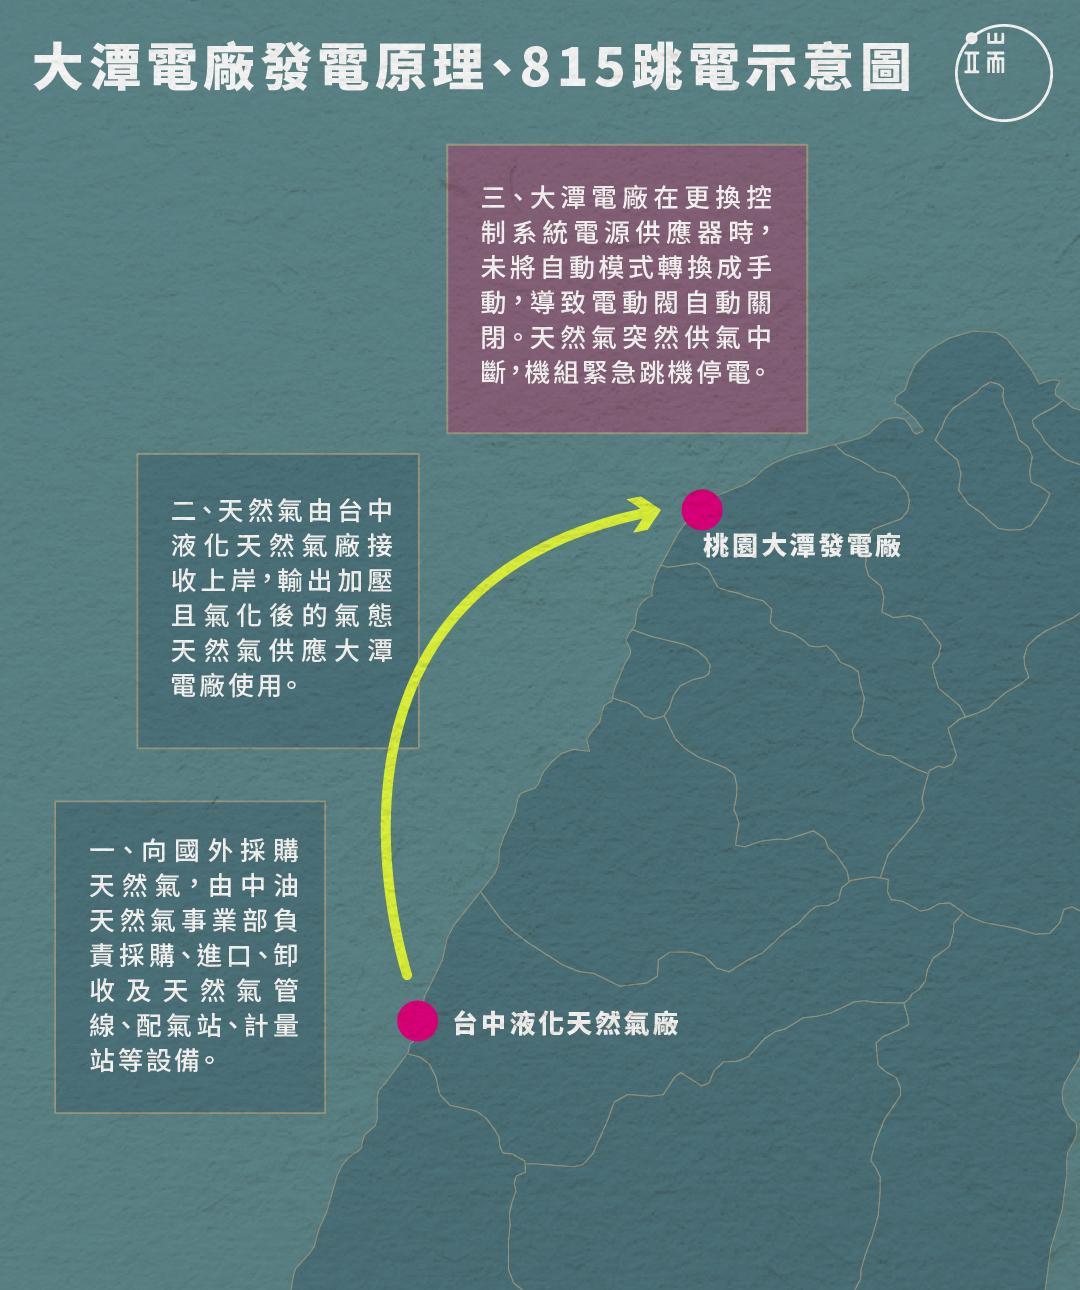 台灣大潭電廠「815大停電」示意圖。